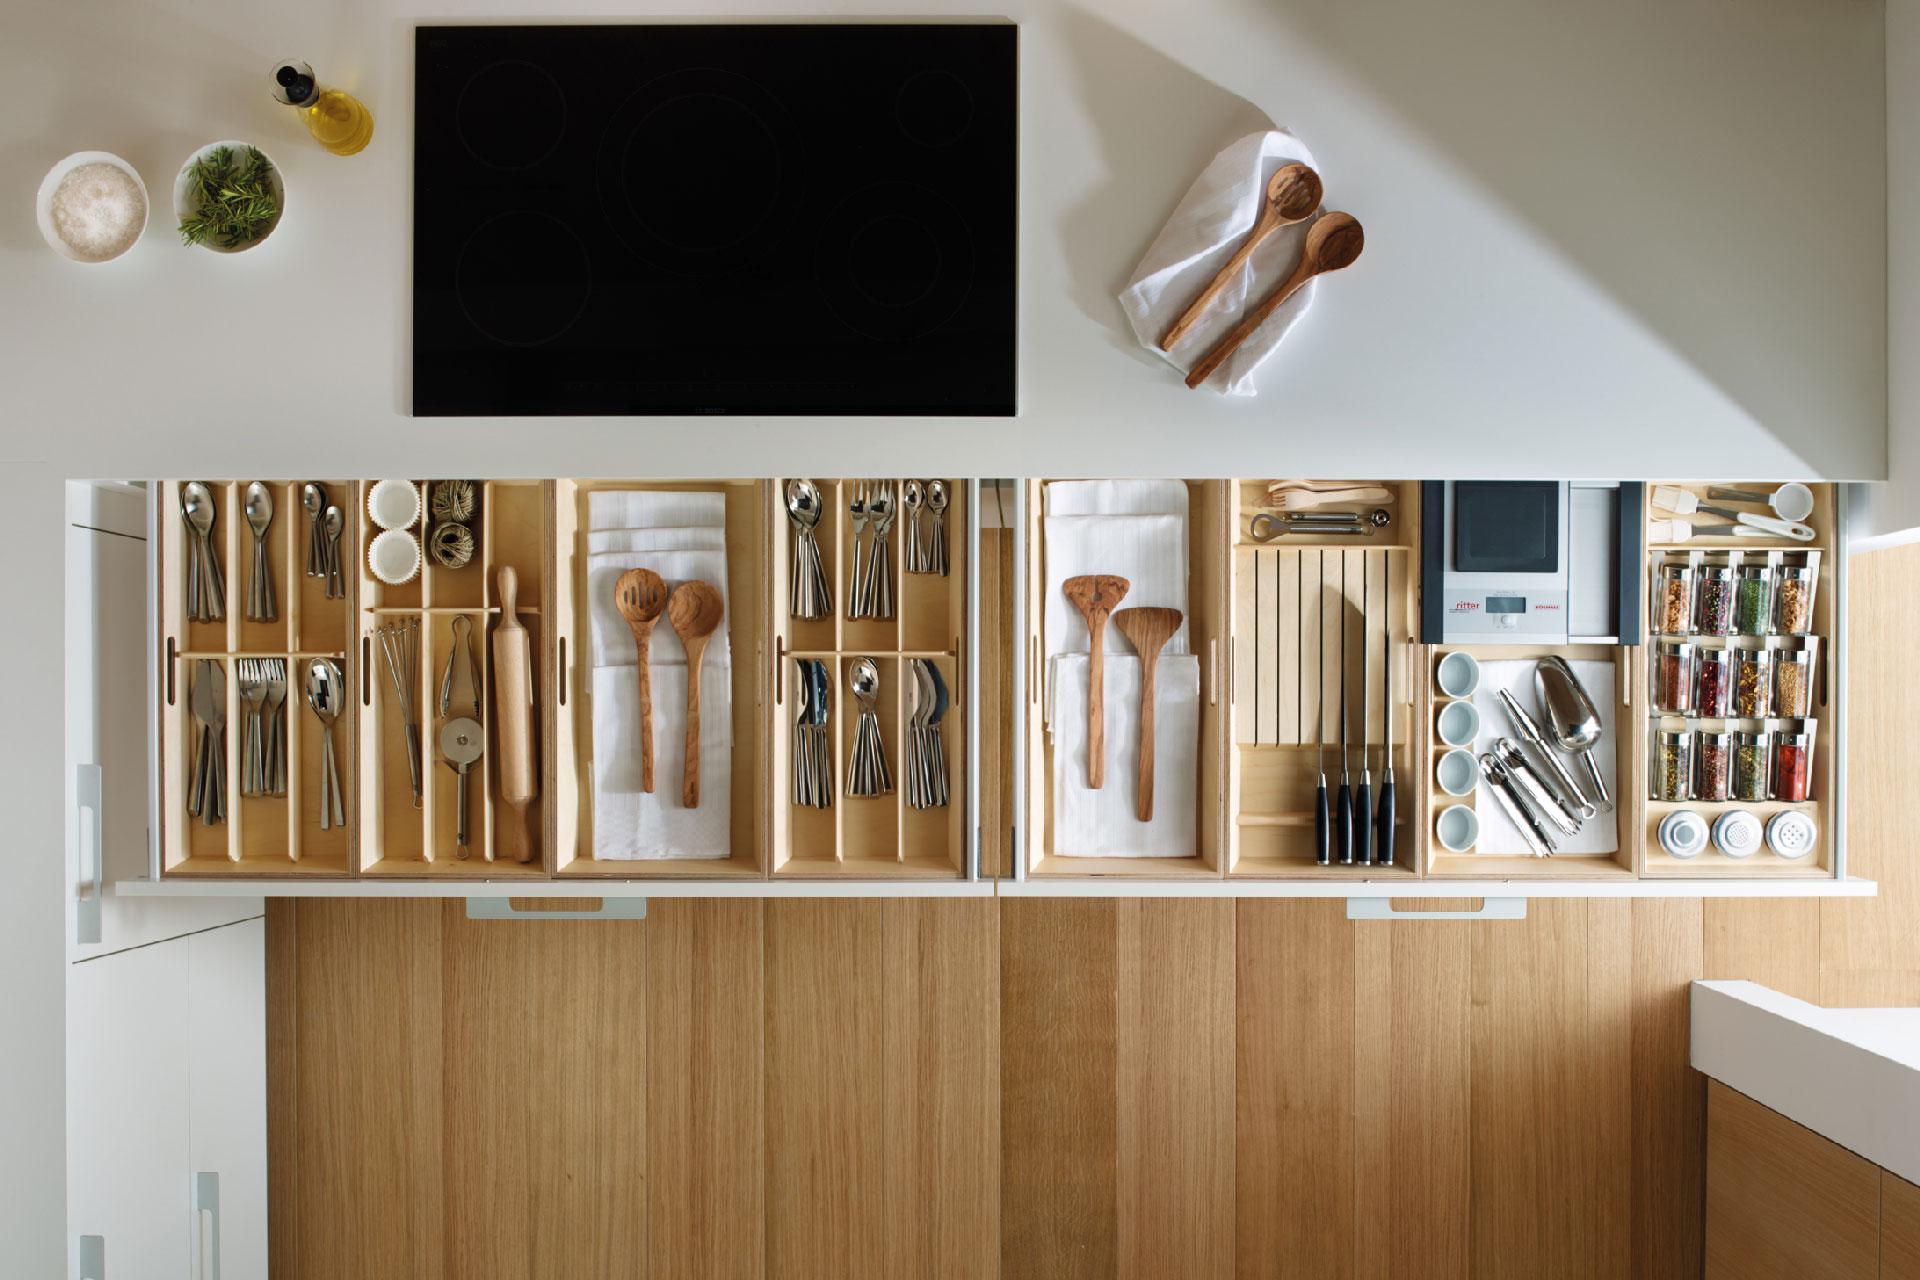 Accesorios para tu cocina Santos: orden y belleza | Cubertero, especiero, bandejas | Santiago Interiores